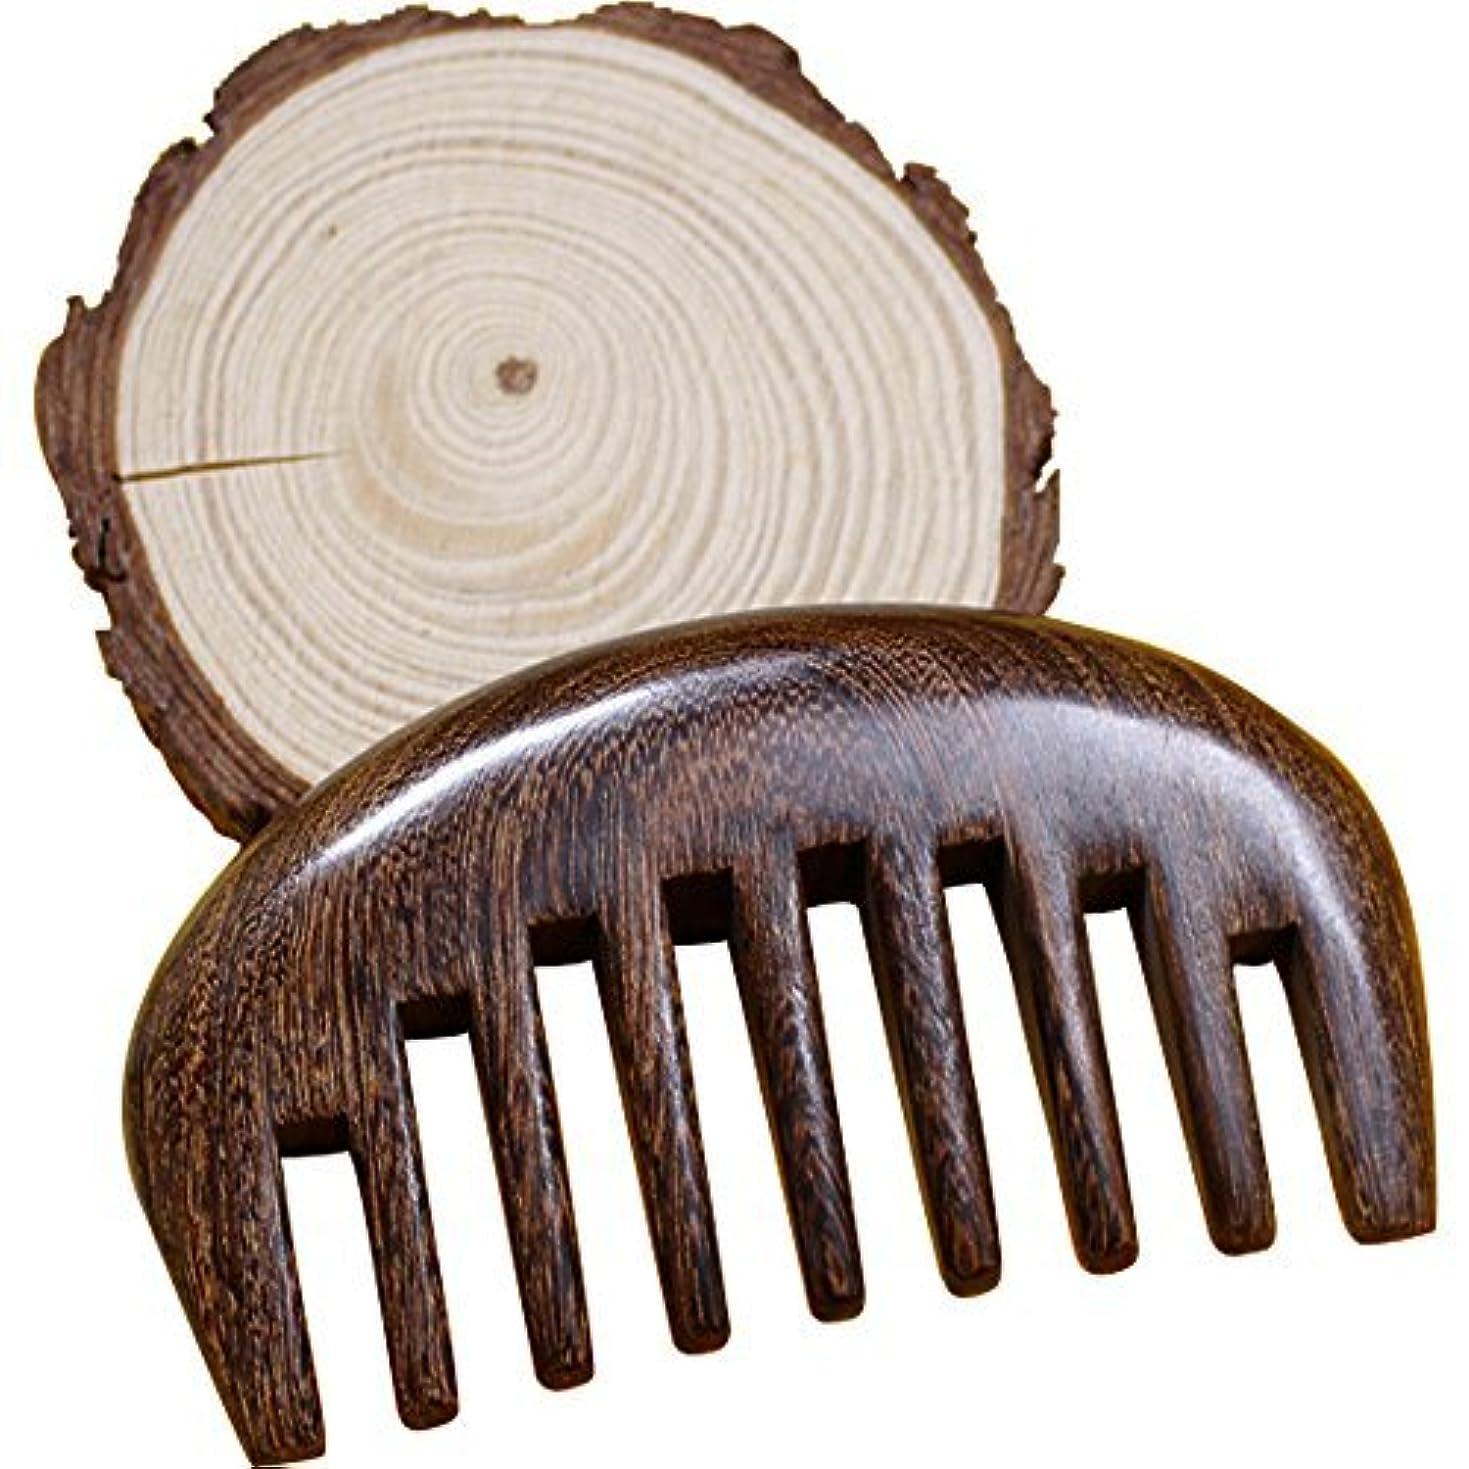 巻き取りセンチメンタルフィットネスWood comb Wooden wide tooth hair comb detangler brush -Anti Static Sandalwood Scent handmad with gift package...